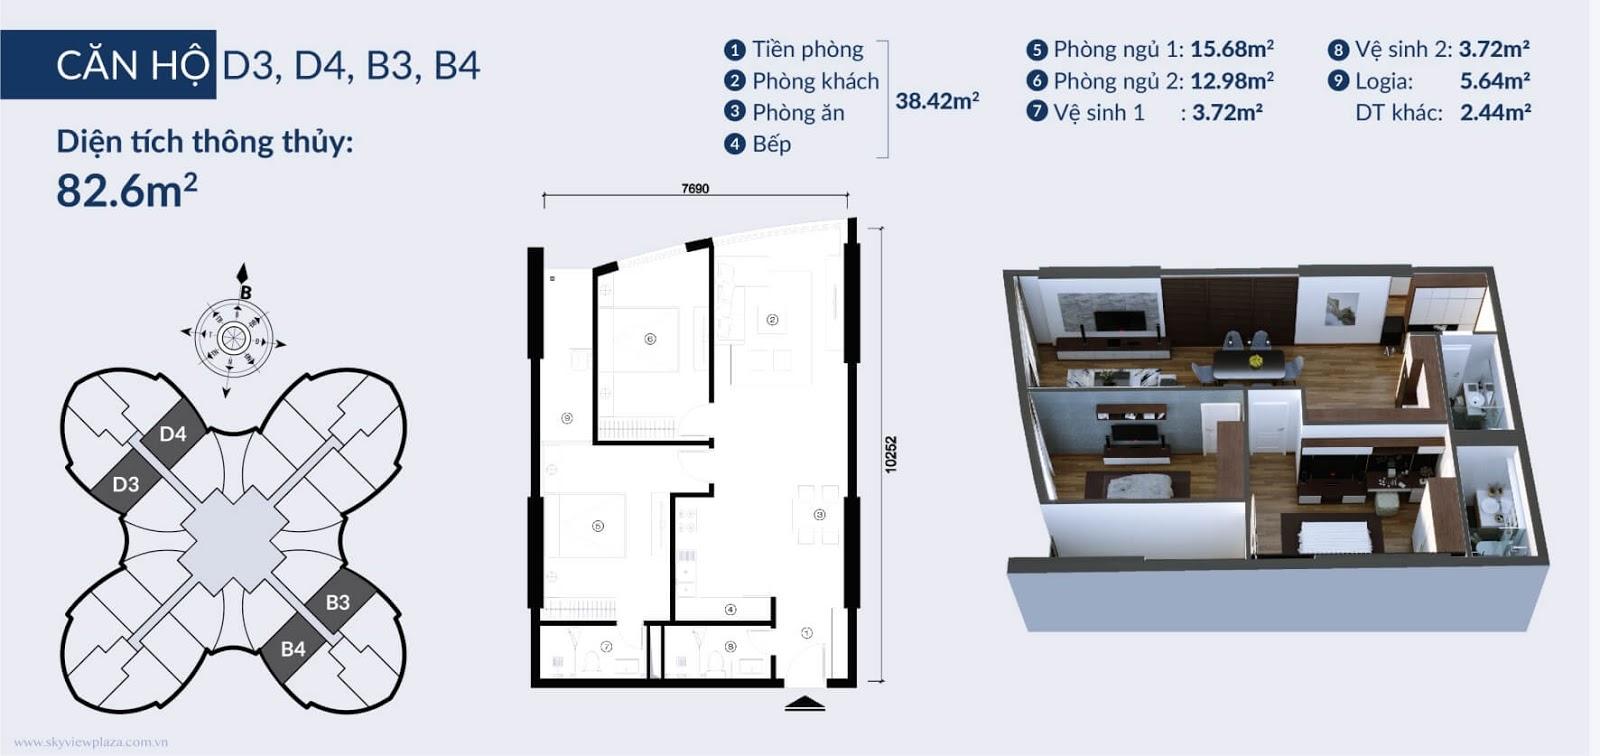 Chi tiết căn hộ D3 D4 và B3 B4 dự án Sky View Giải Phóng